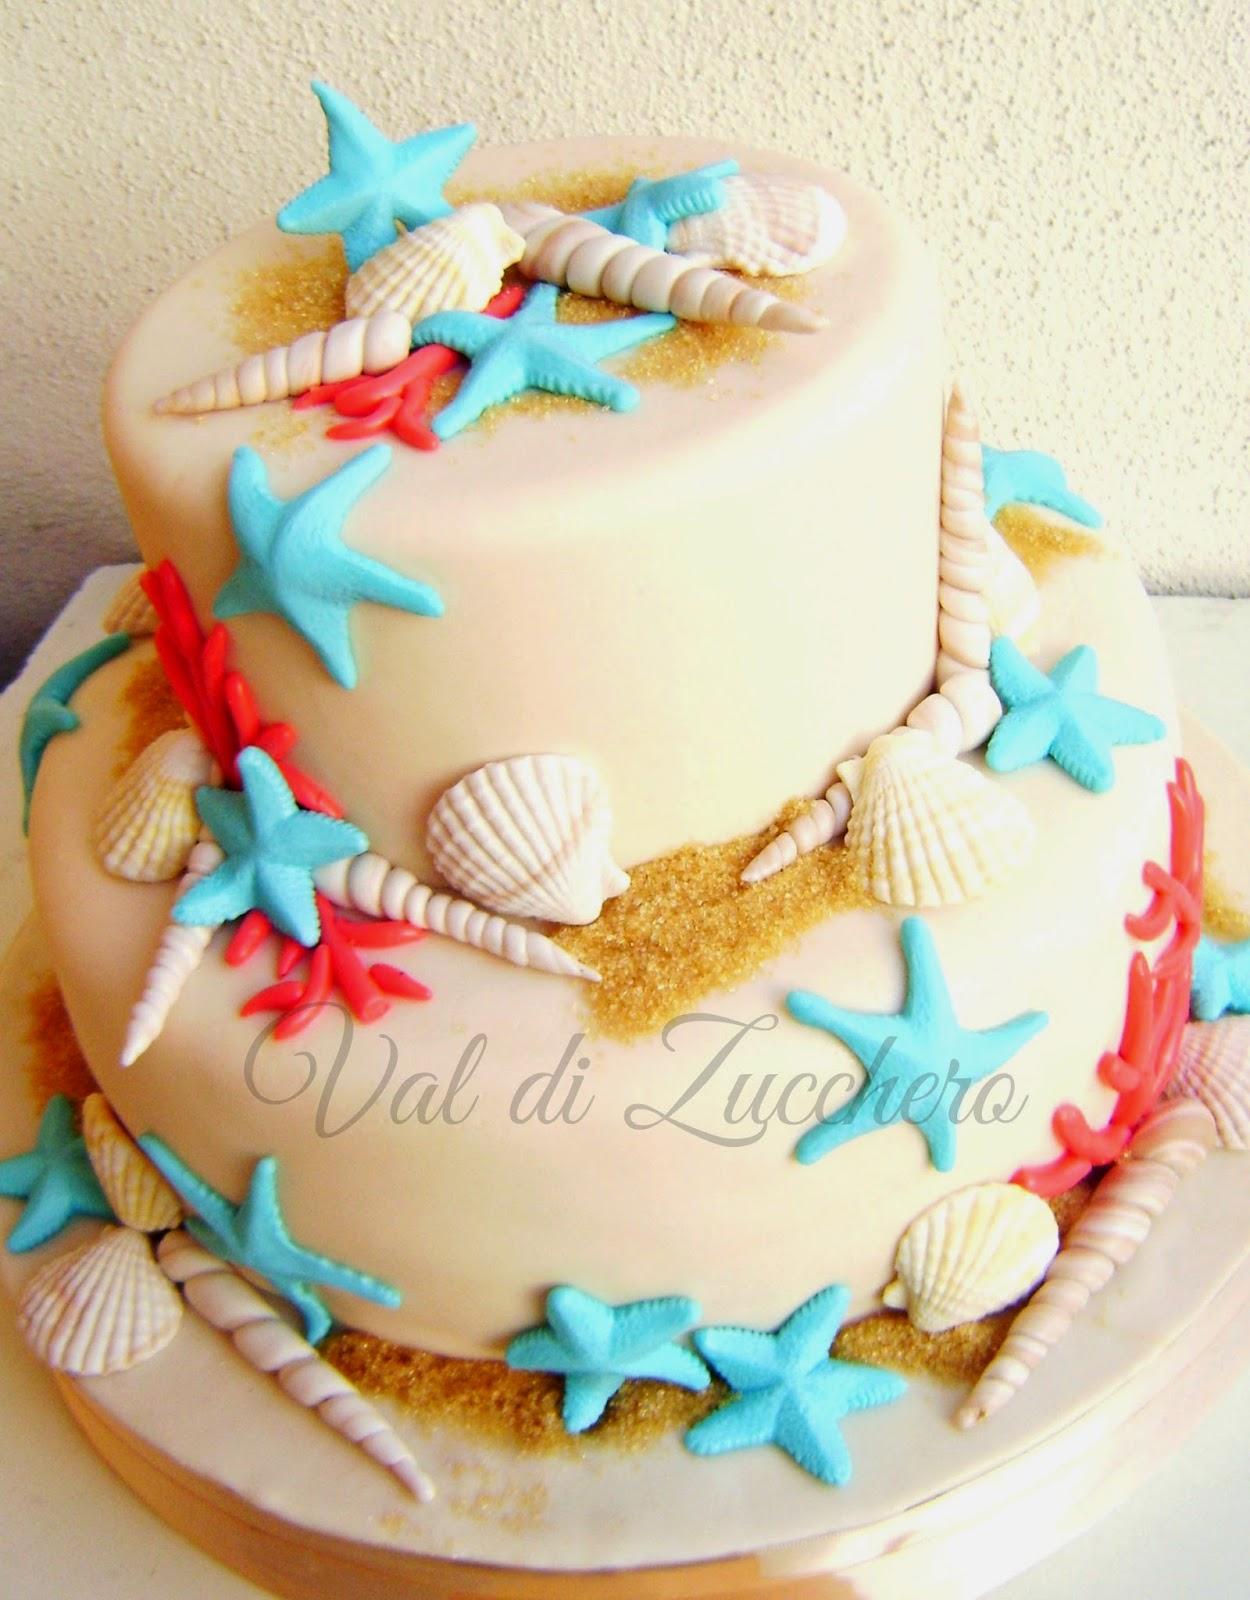 Val di zucchero torta mare for Decorazioni torte tema mare